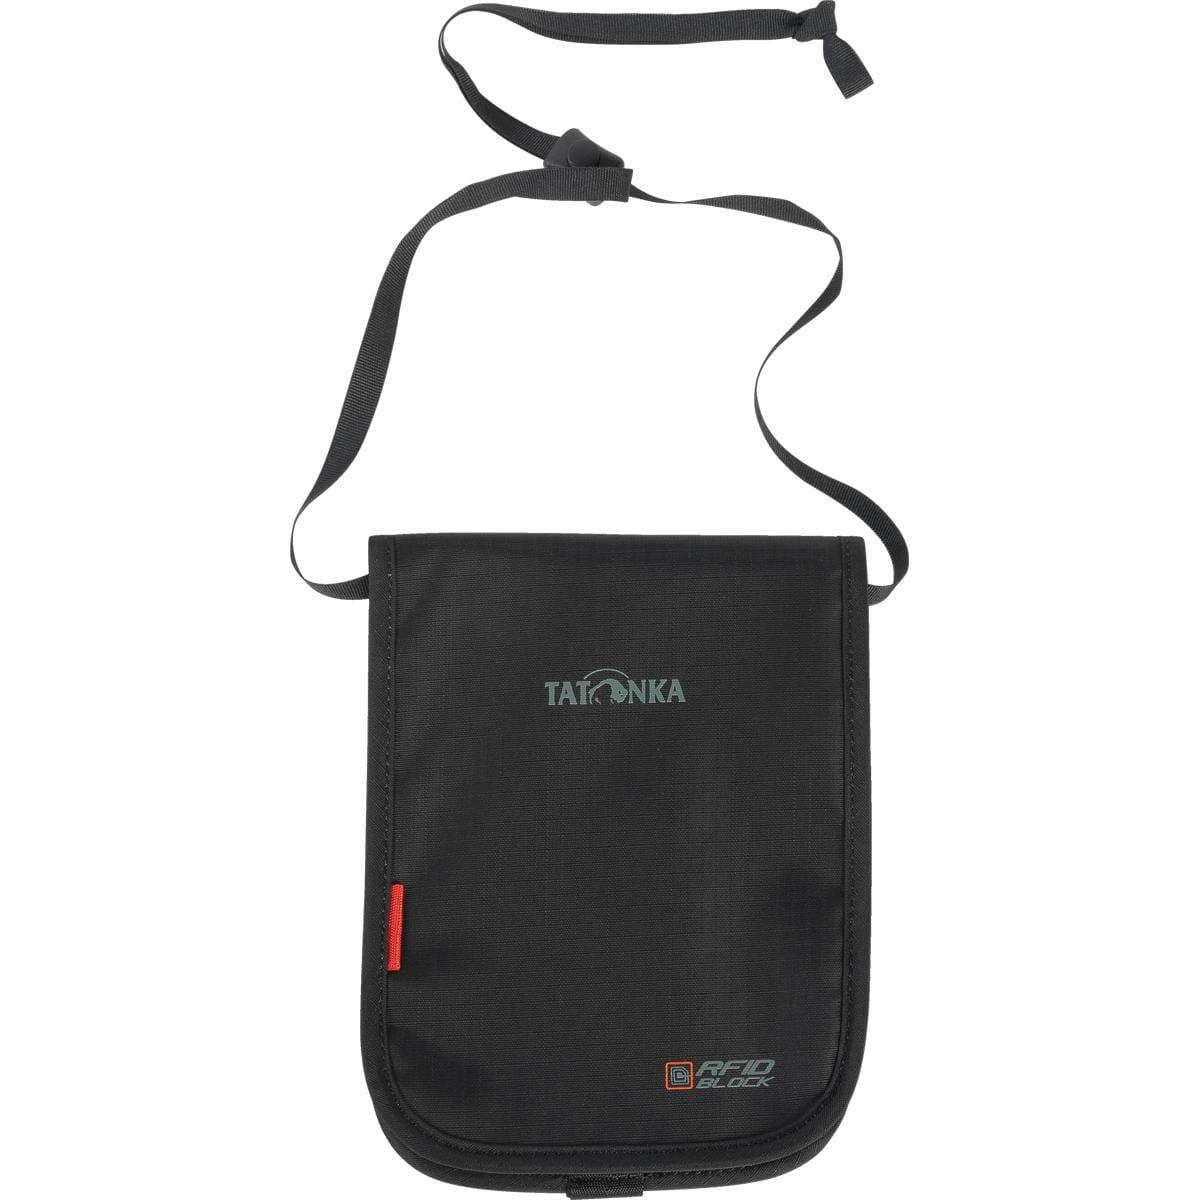 Tatonka Hang Loose RFID B - Brustbeutel black - Bild 1